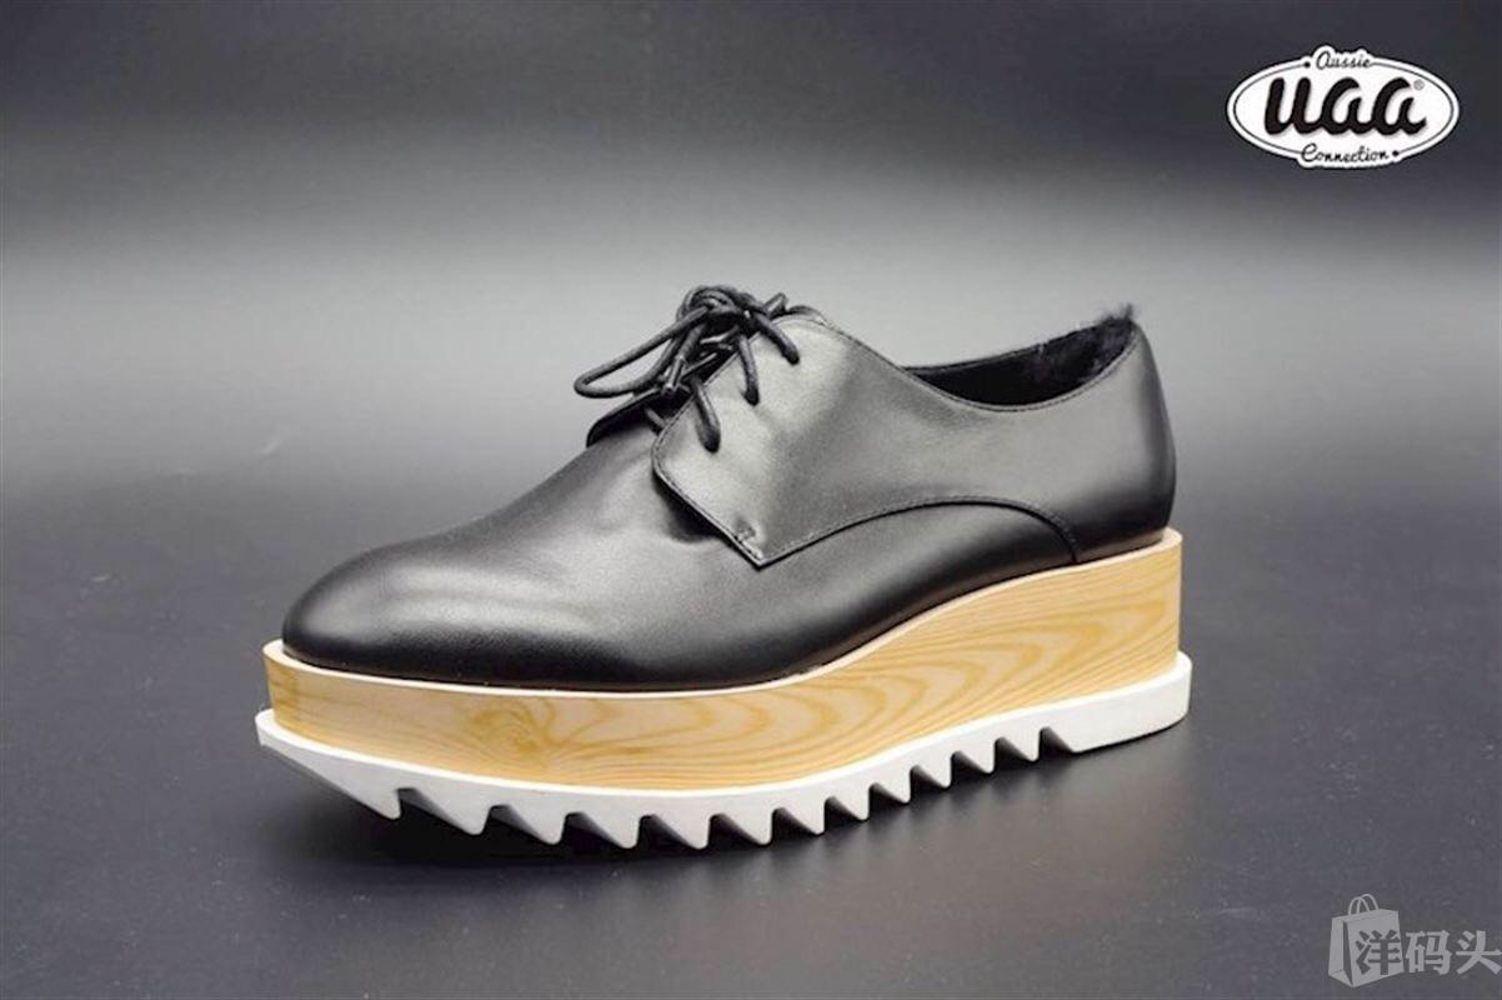 李冰冰李宇春同款Aussie UGG女鞋 锯齿厚底鞋木屐鞋 单鞋增高皮鞋